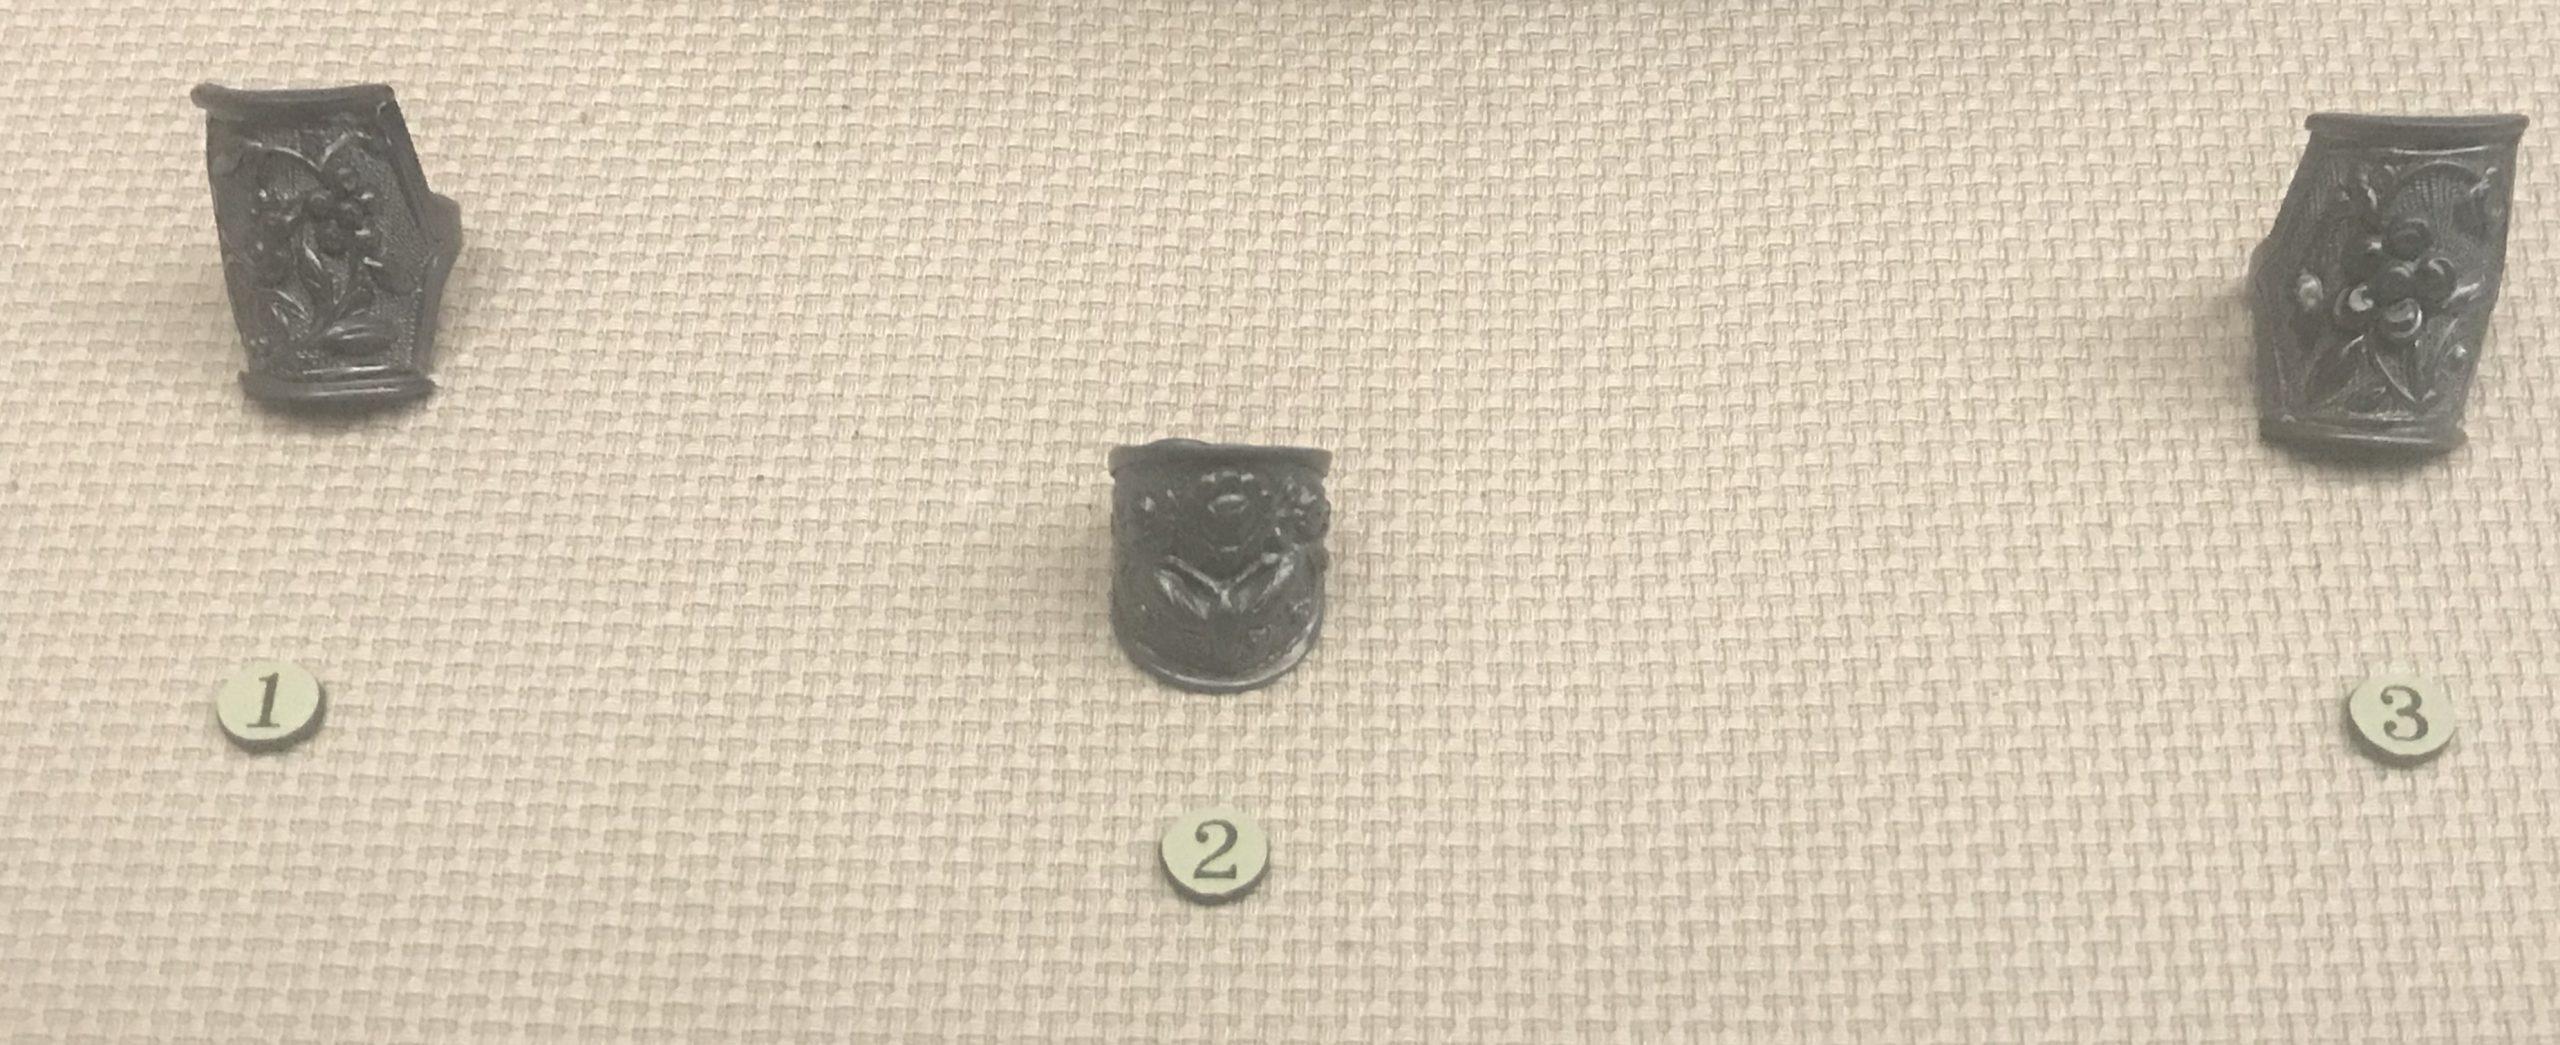 浮雕花鳥銀指輪-浮雕花蝶銀指輪-浮雕花銀指輪-チャン族アクセサリー-四川民族文物館-四川博物館-成都